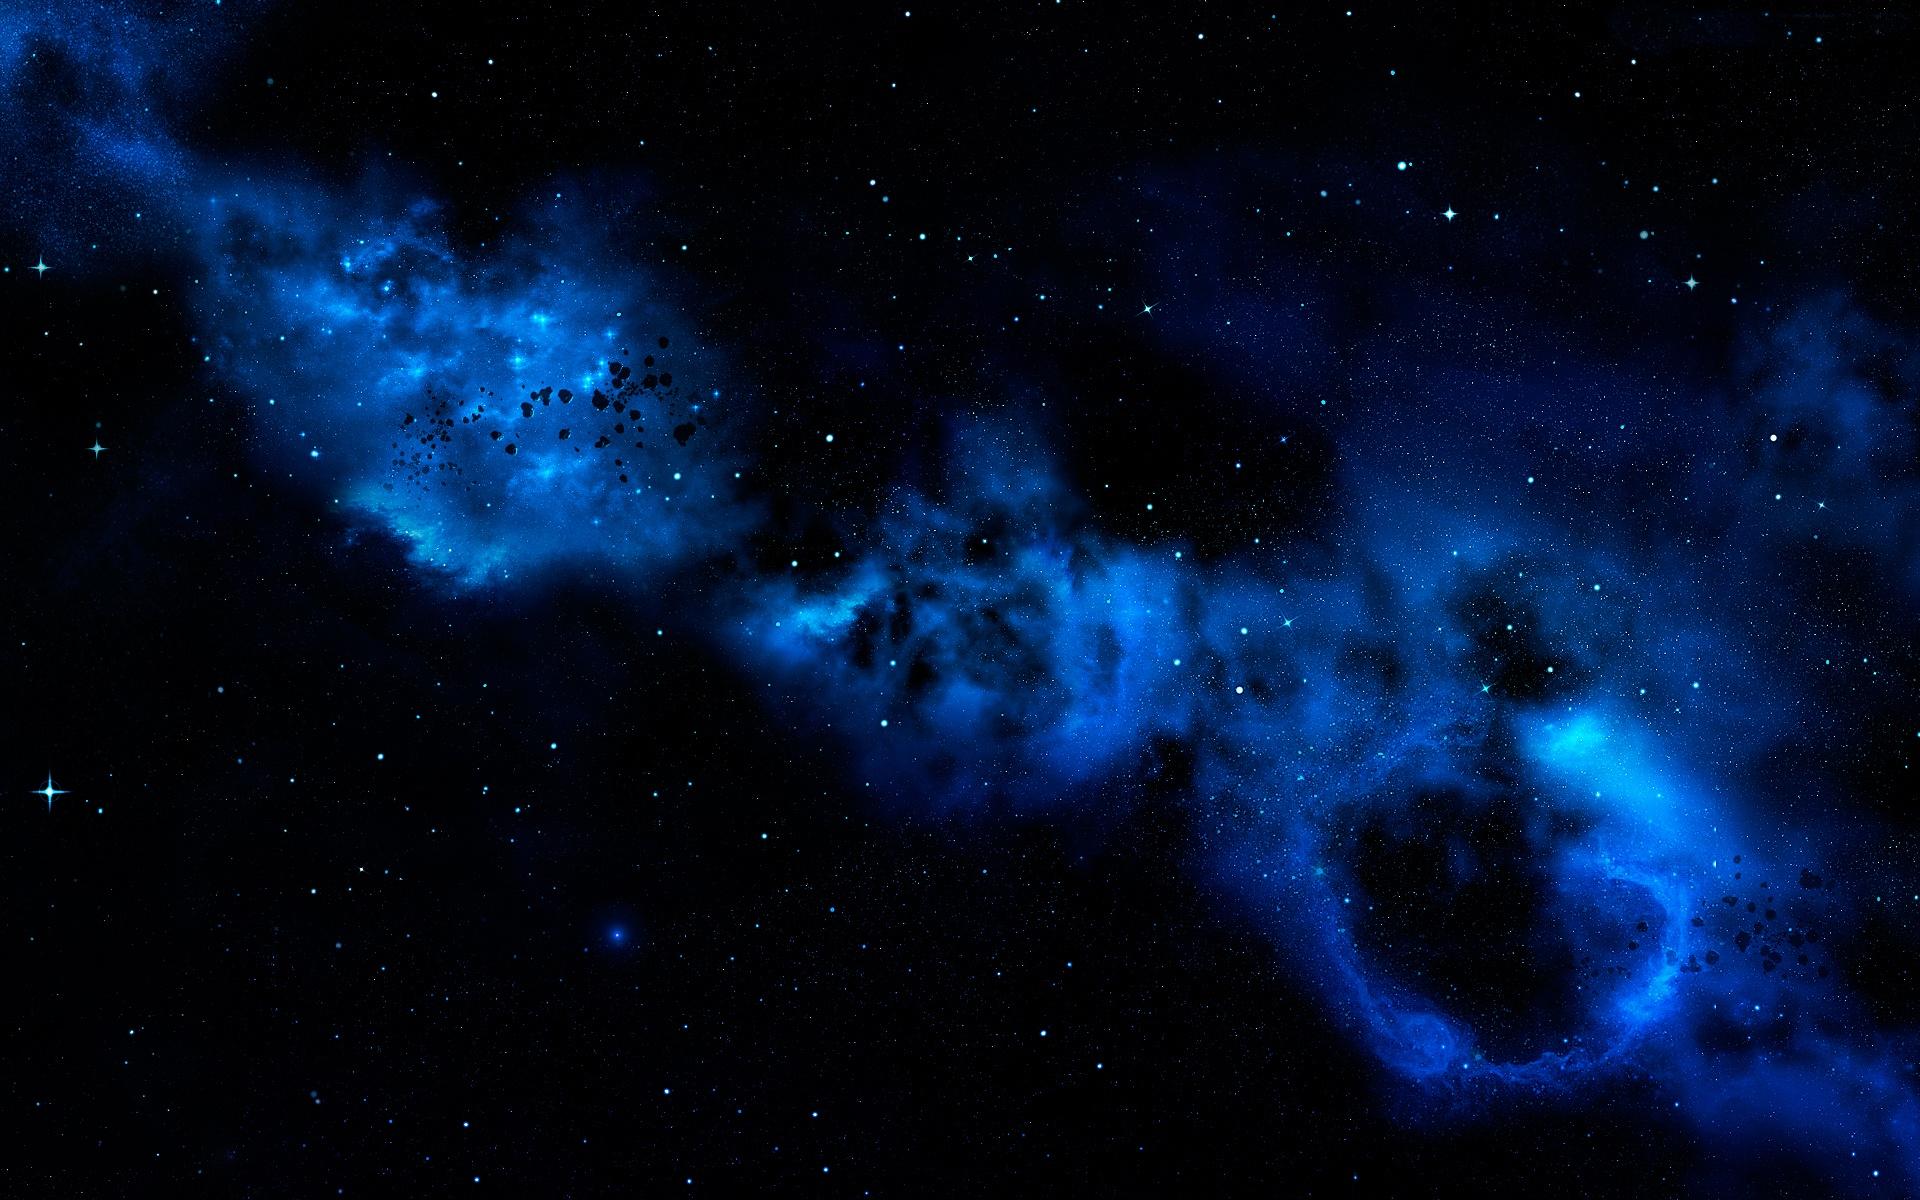 Galaxy Wallpaper 46716 1920x1200px